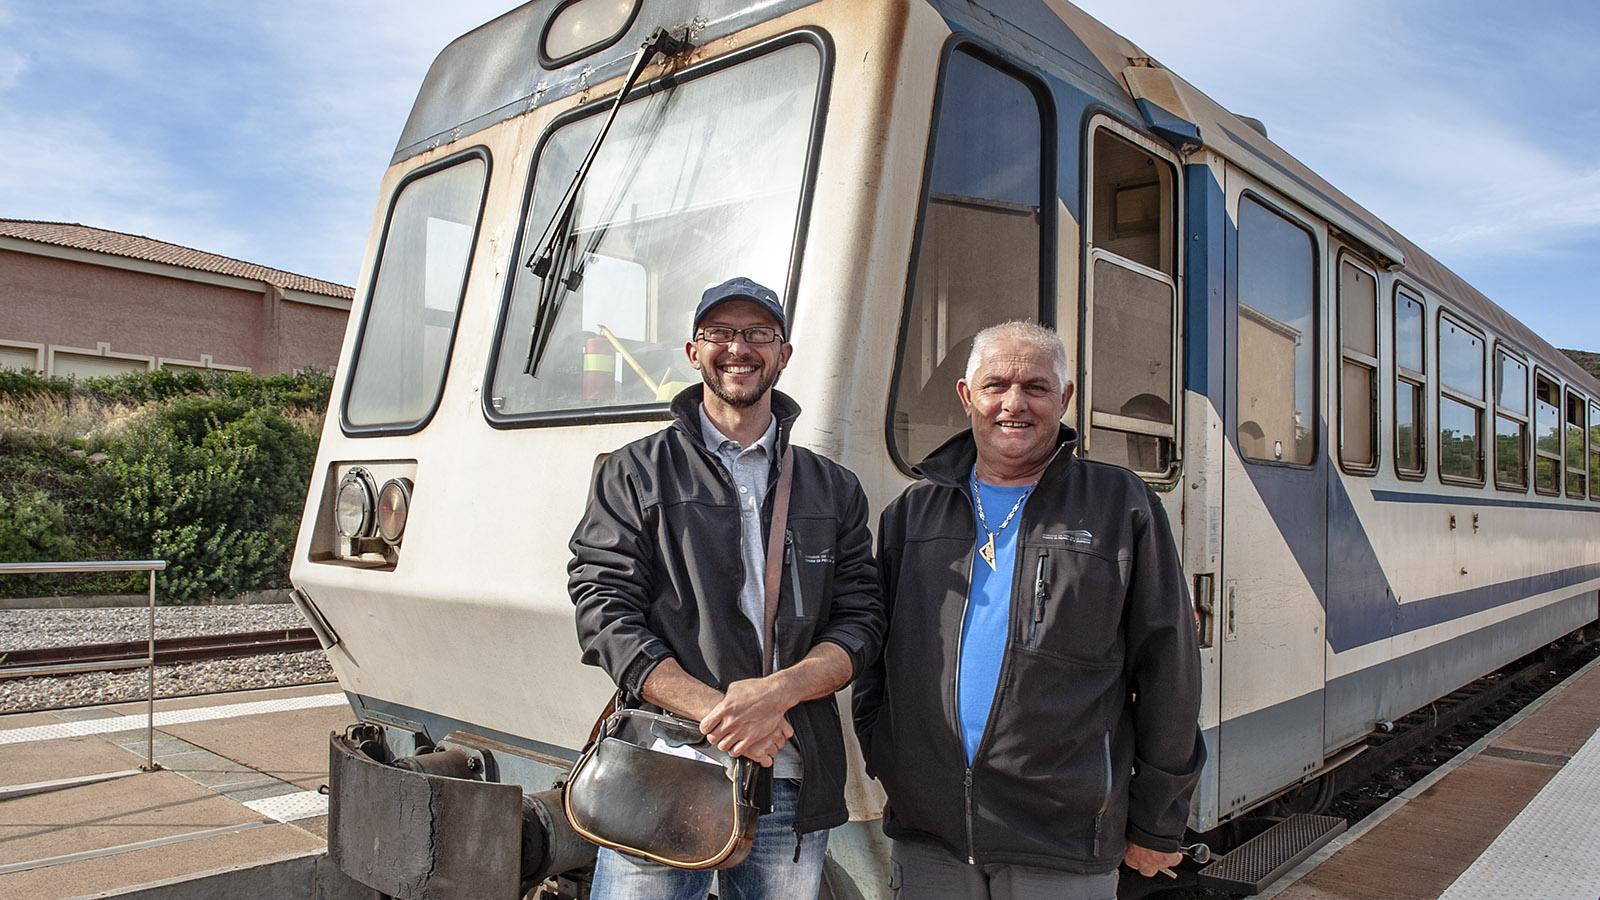 Trinighellu: Das Zugteam: ein Schaffner und ein Lokführer. Foto: Hilke Maunder